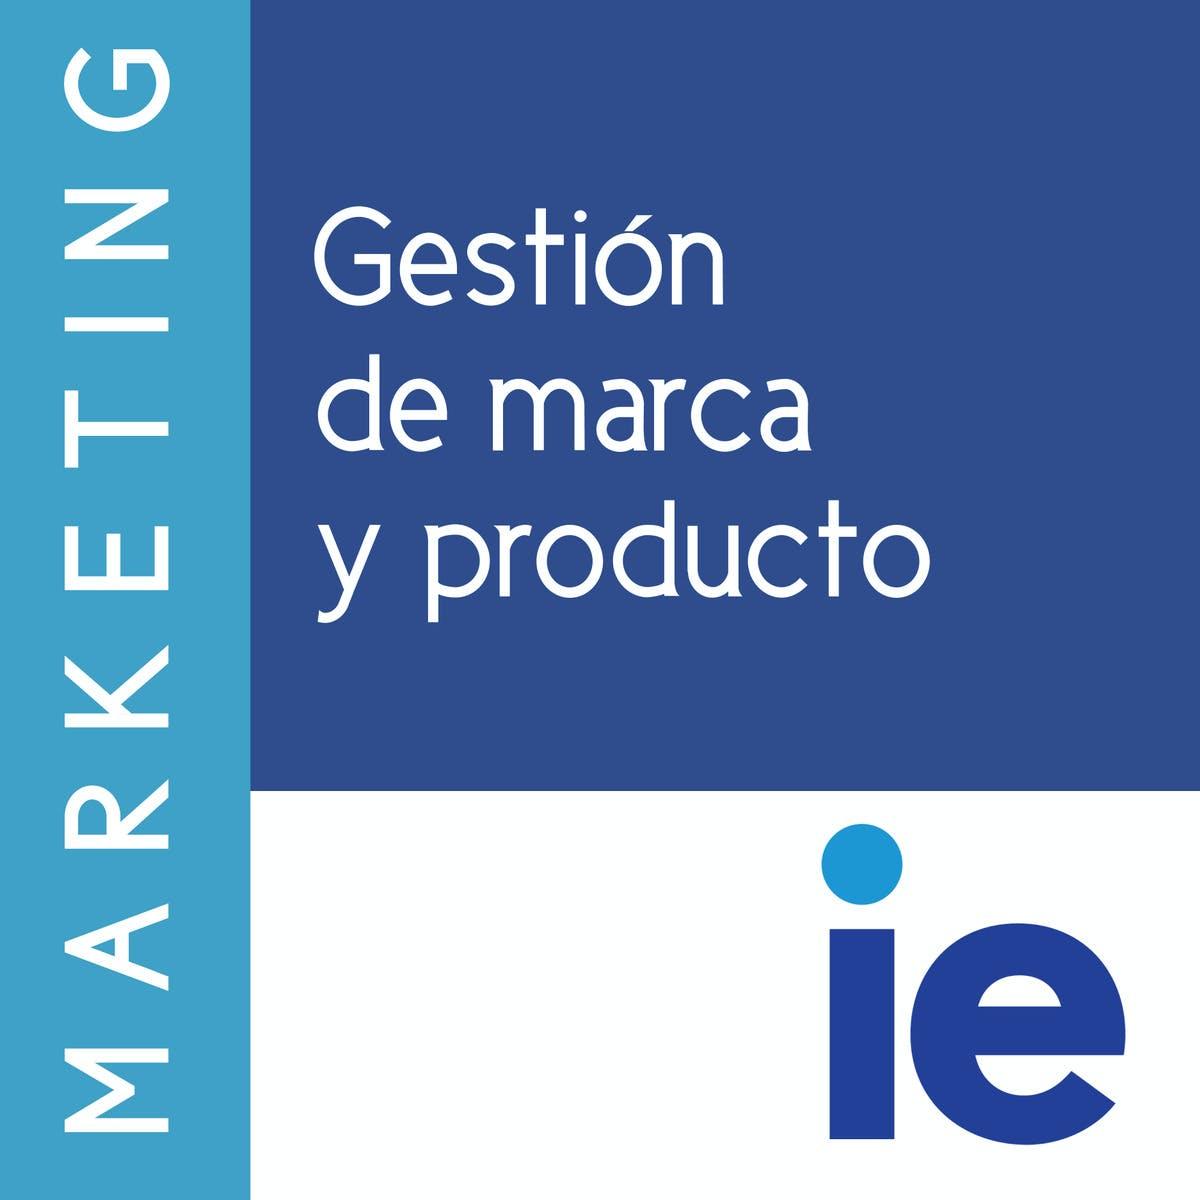 Gestión de marca y producto